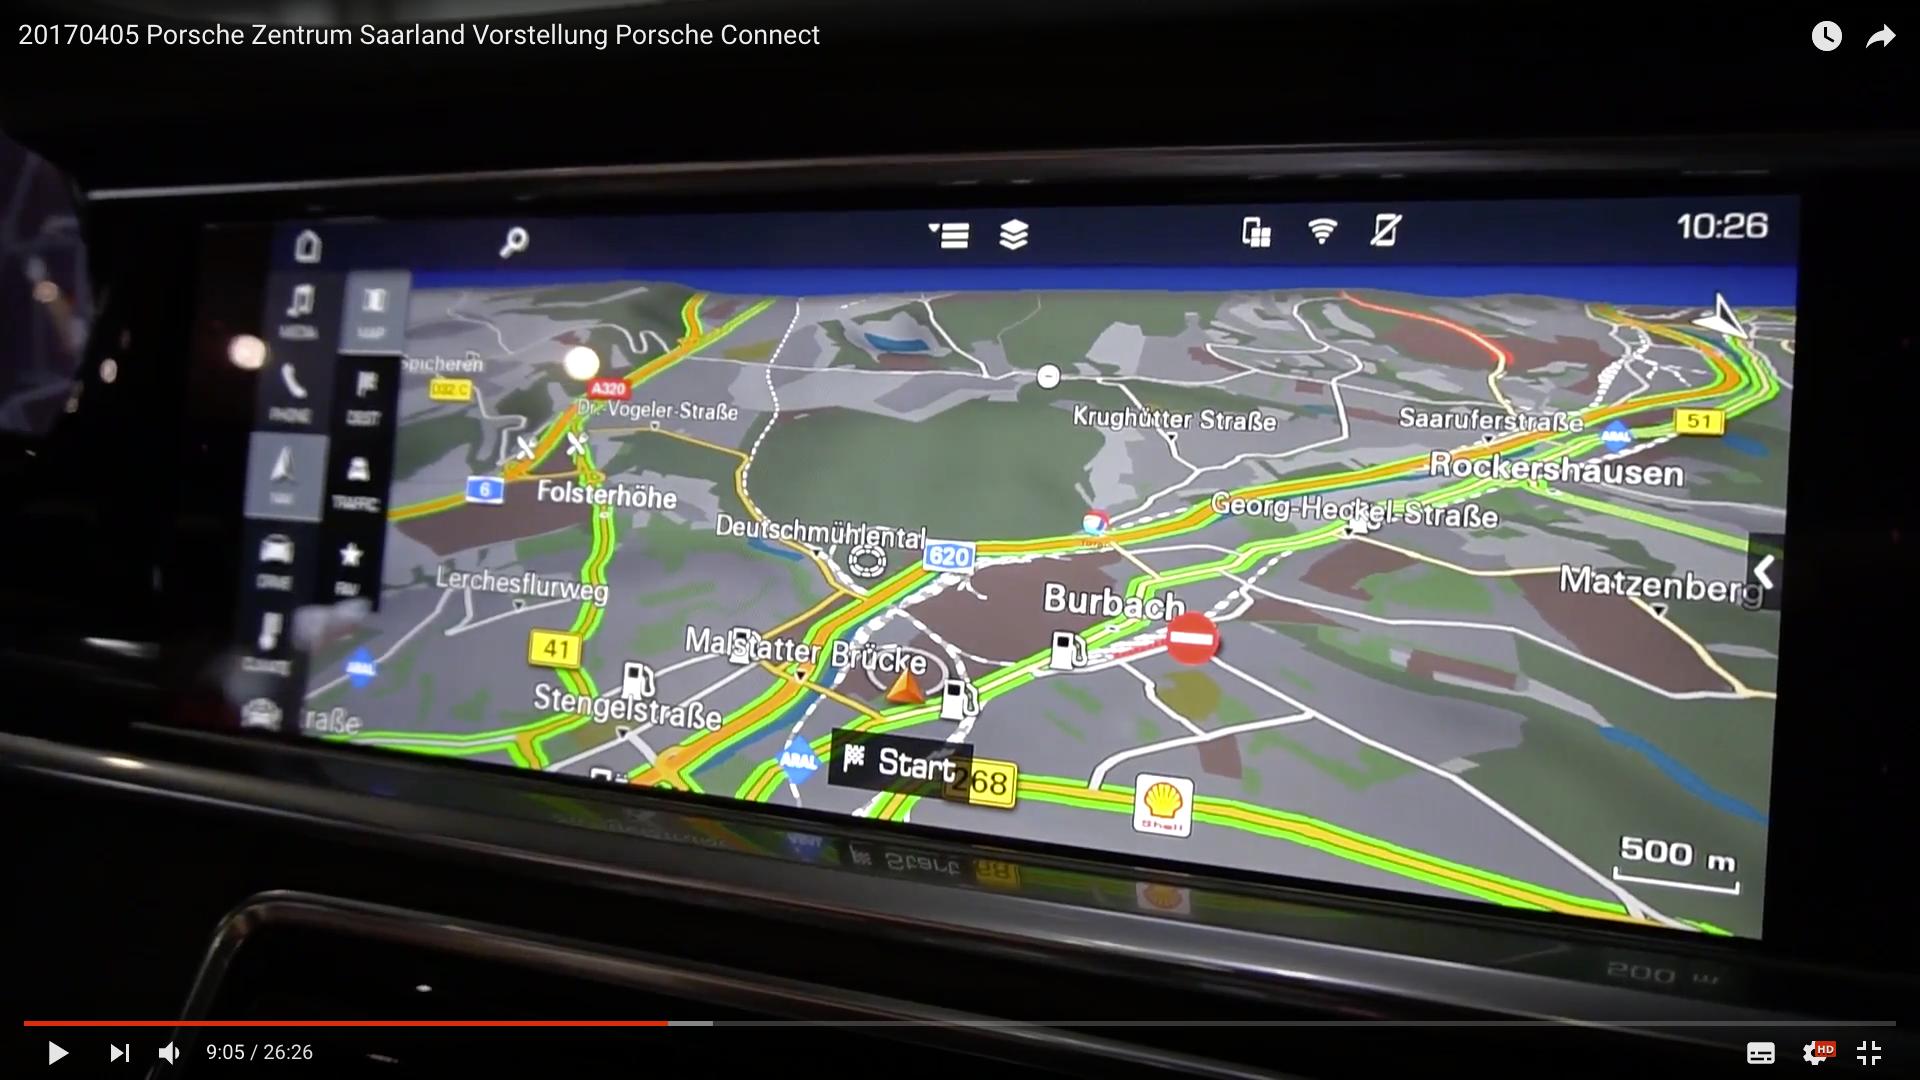 2017 Porsche Zentrum Saarland Vorstellung Porsche Connect Interface_MSM_MEDIEN_SAAR_MOSEL_SAARLAND_FERNSEHEN_1_ED_SAAR